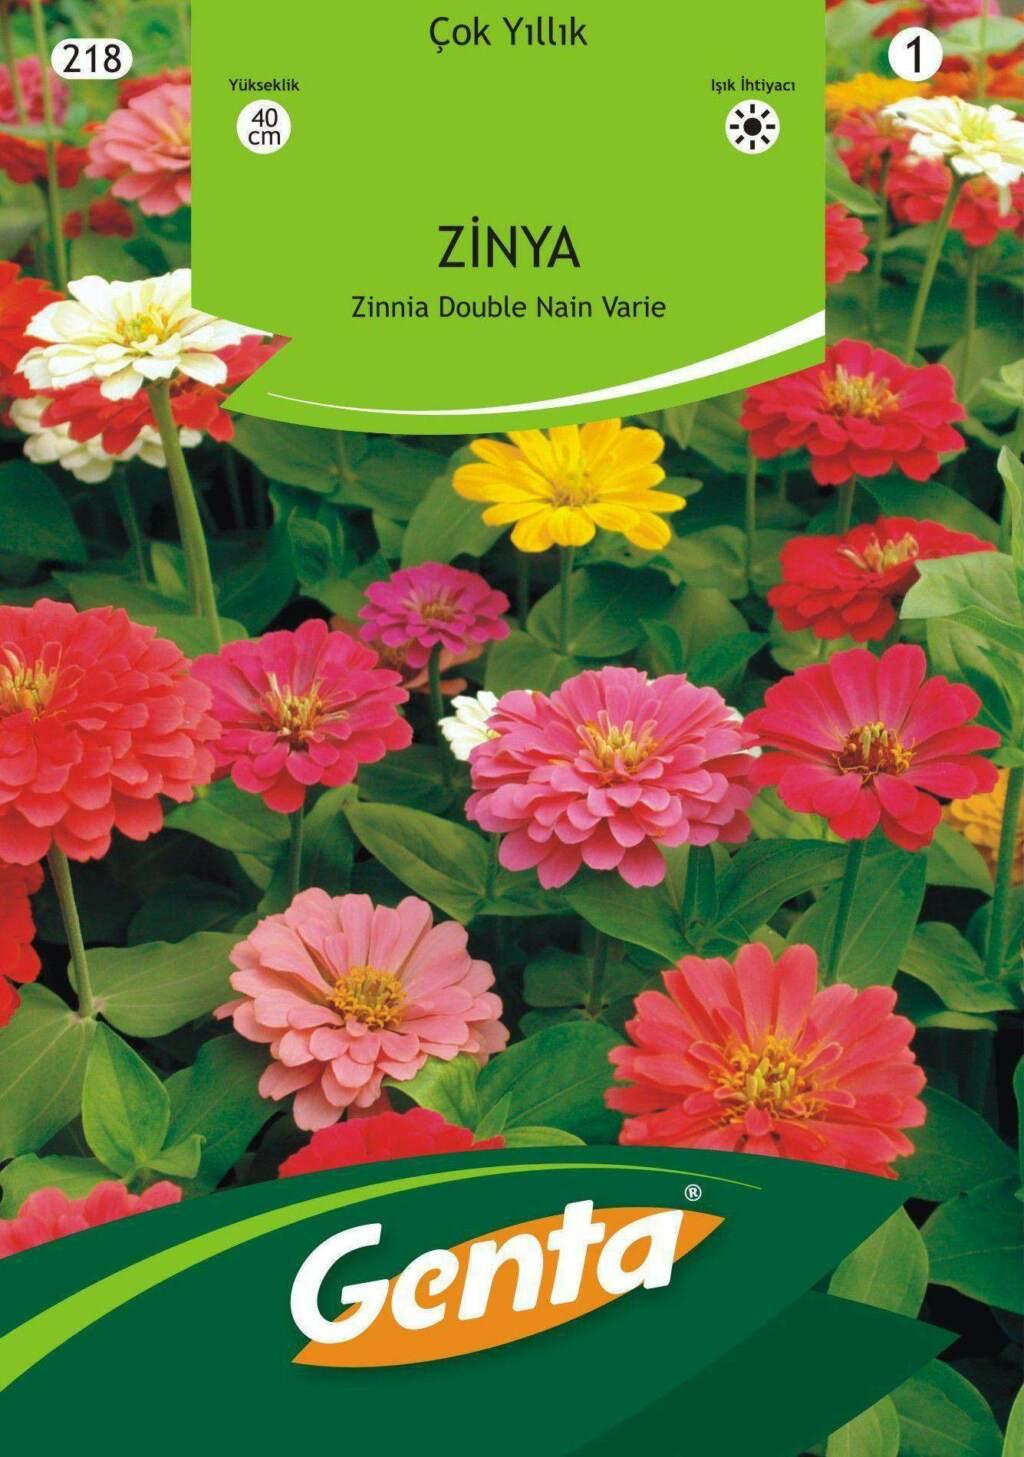 Genta Karışık Renk Zinya Çiçeği